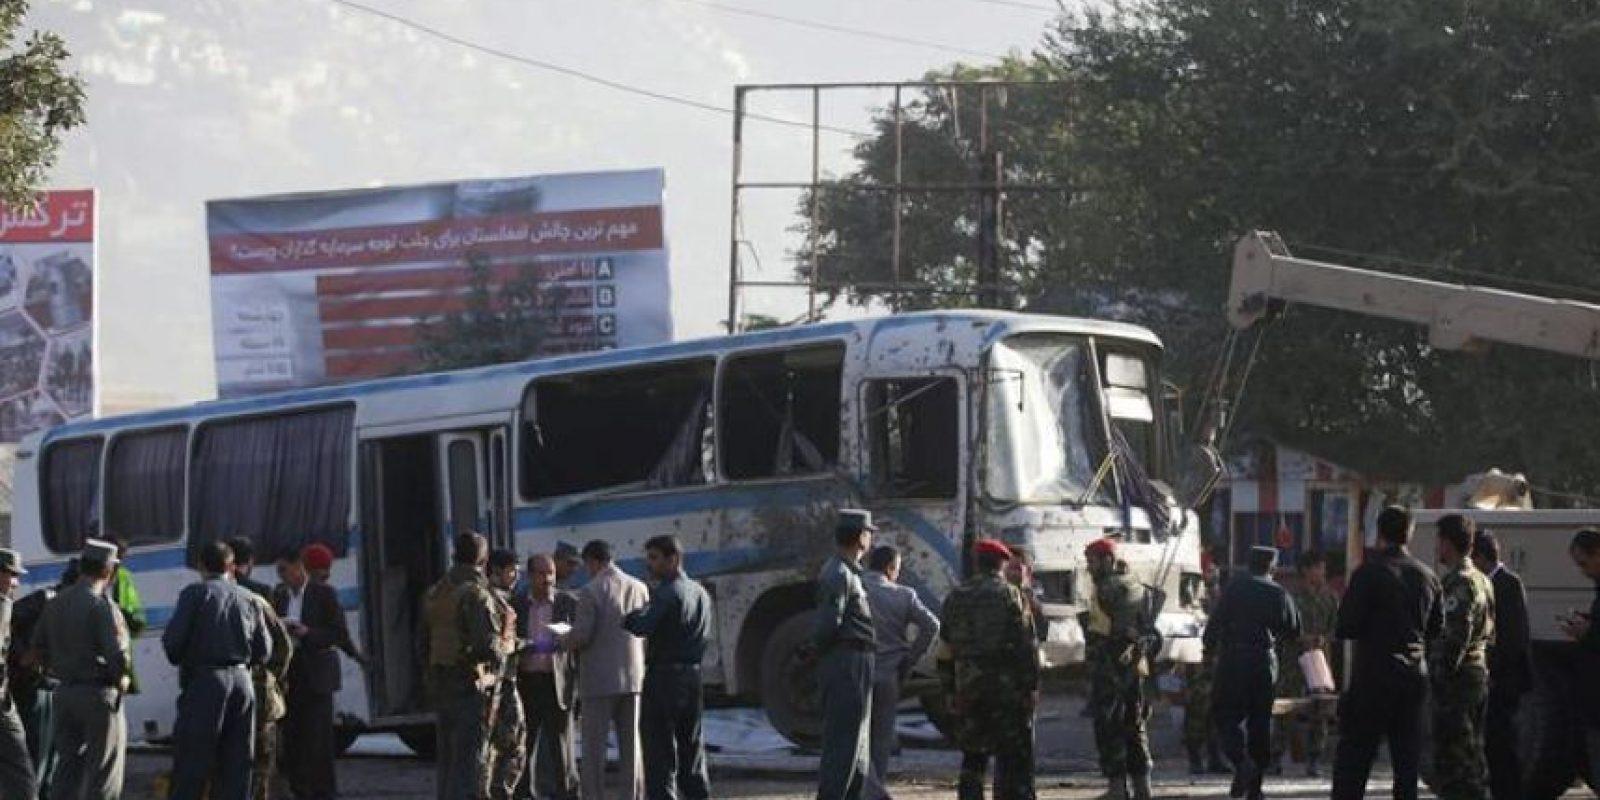 Oficiales de seguridad afganos asisten hoy, miércoles 1 de octubre de 2014, al lugar donde se presentó un ataque suicida con bomba contra la Armada Nacional de Afganistán, en Kabúl (Afganistán). Al menos tres soldados murieron mientras otros siete fueron reportados heridos. EFE